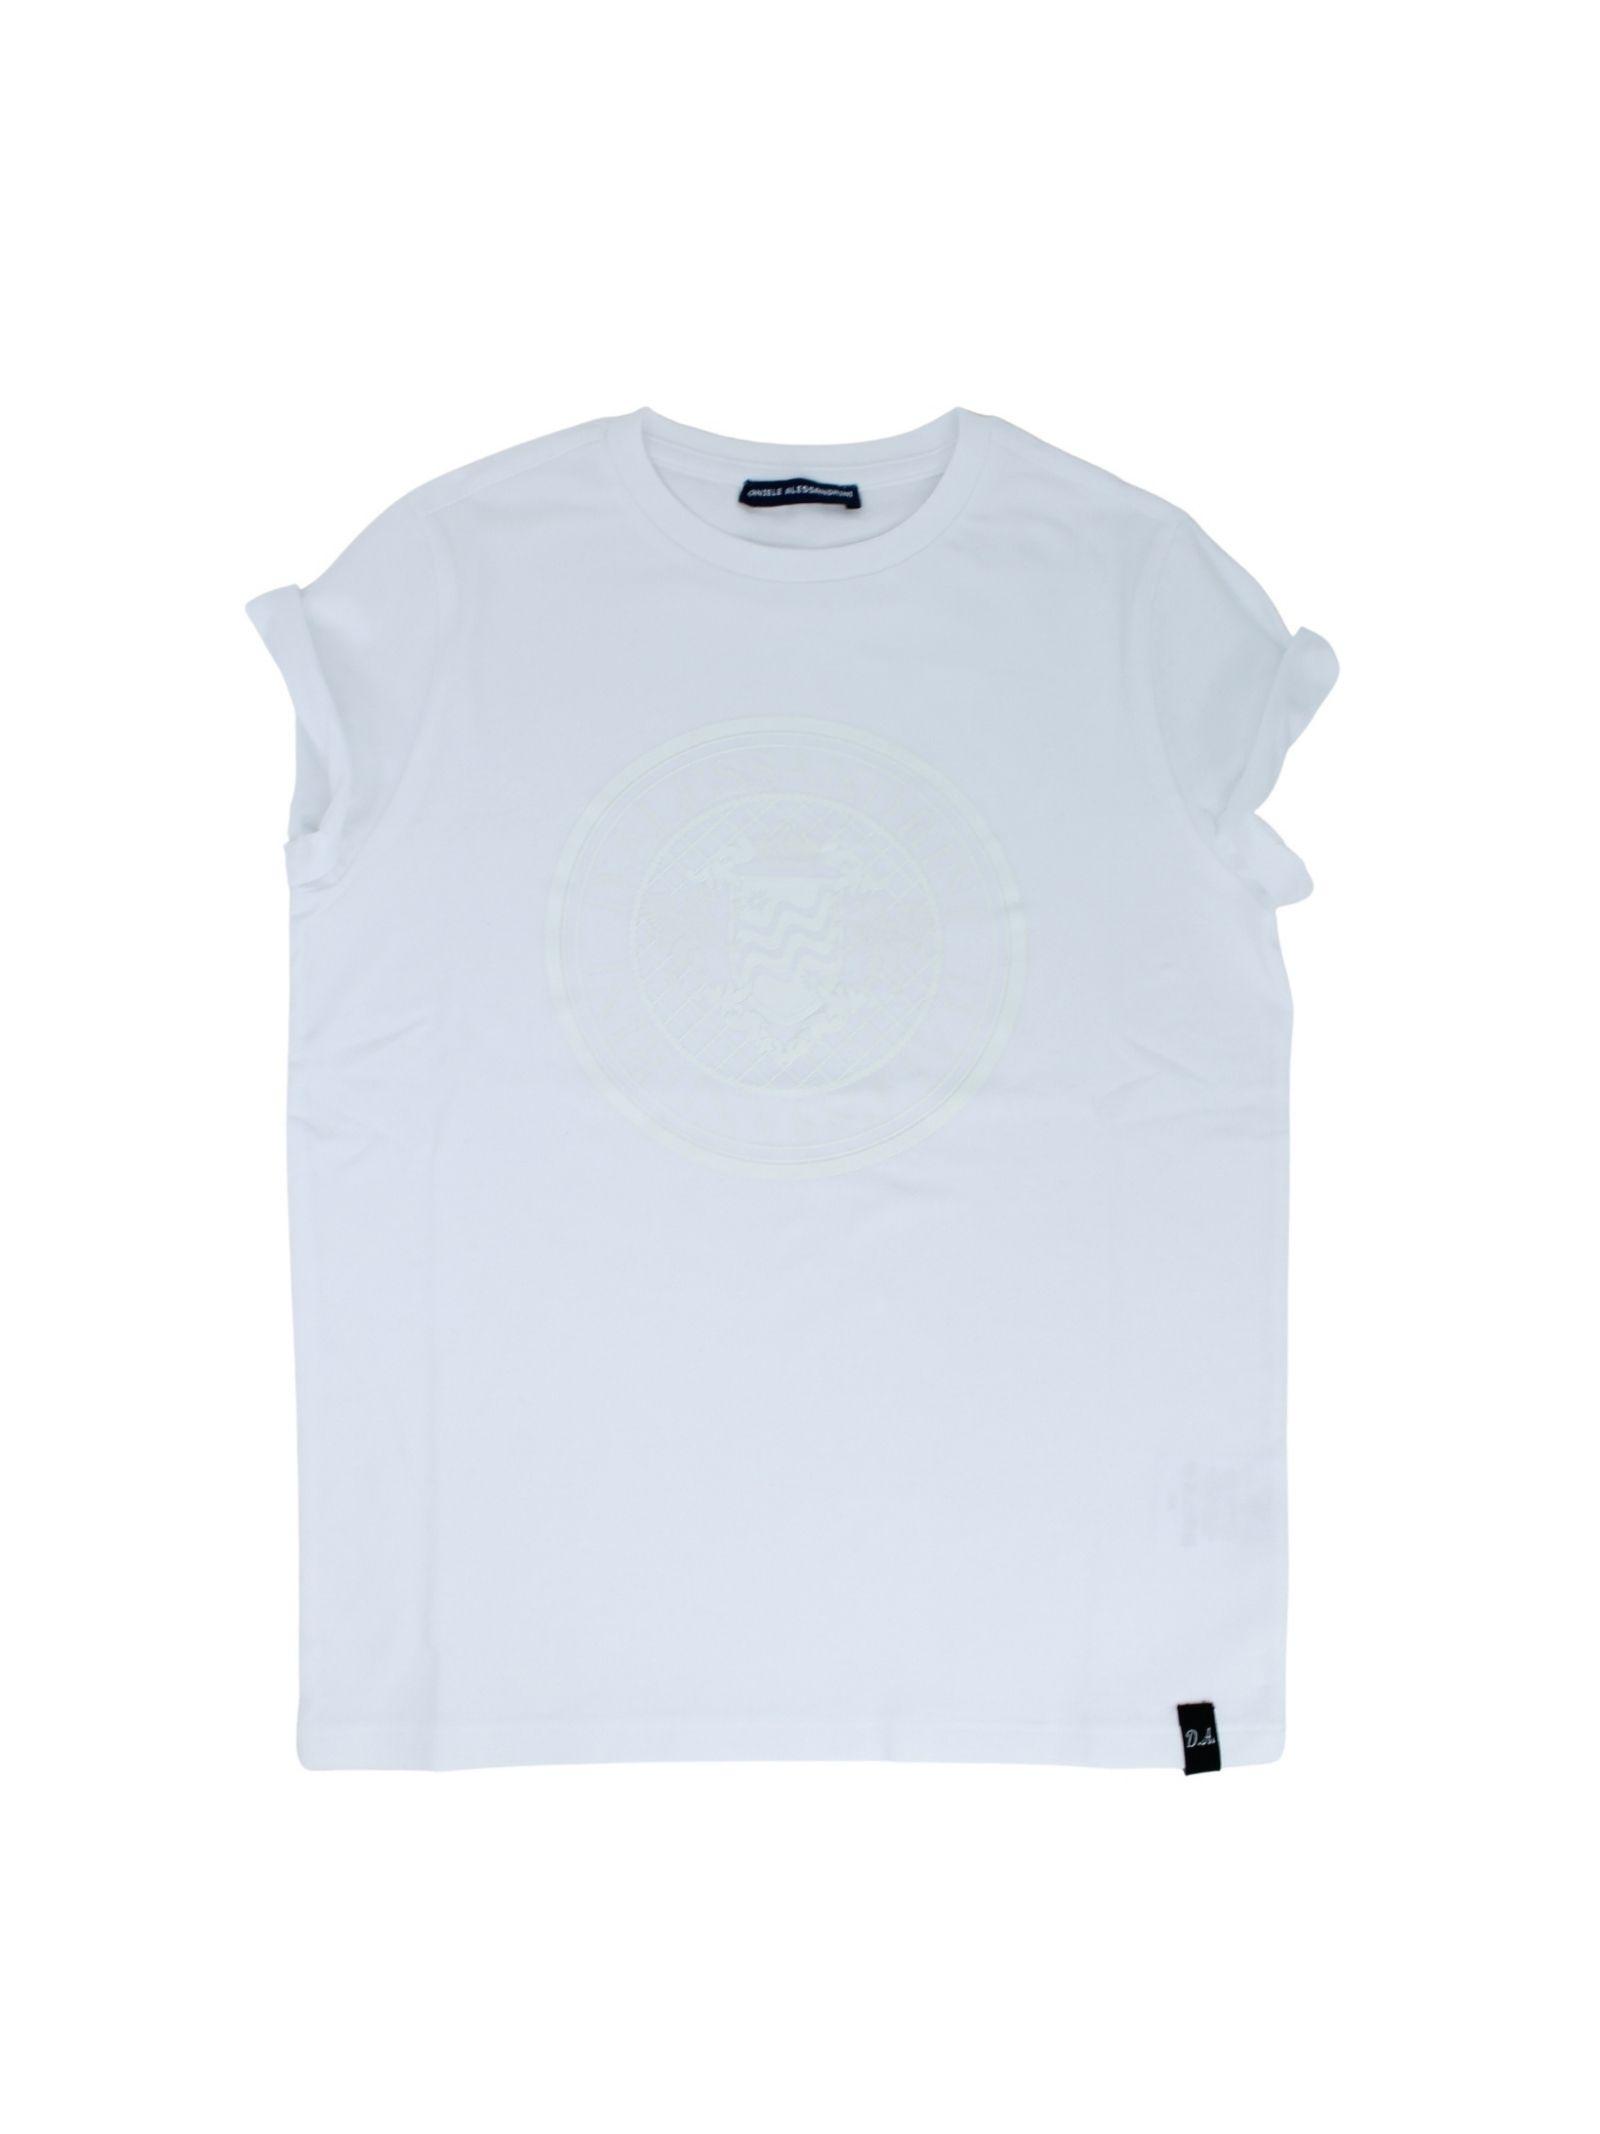 T-Shirt BambinoTotal White DANIELE ALESSANDRINI JUNIOR | T-shirt | 1236M0910WHITE